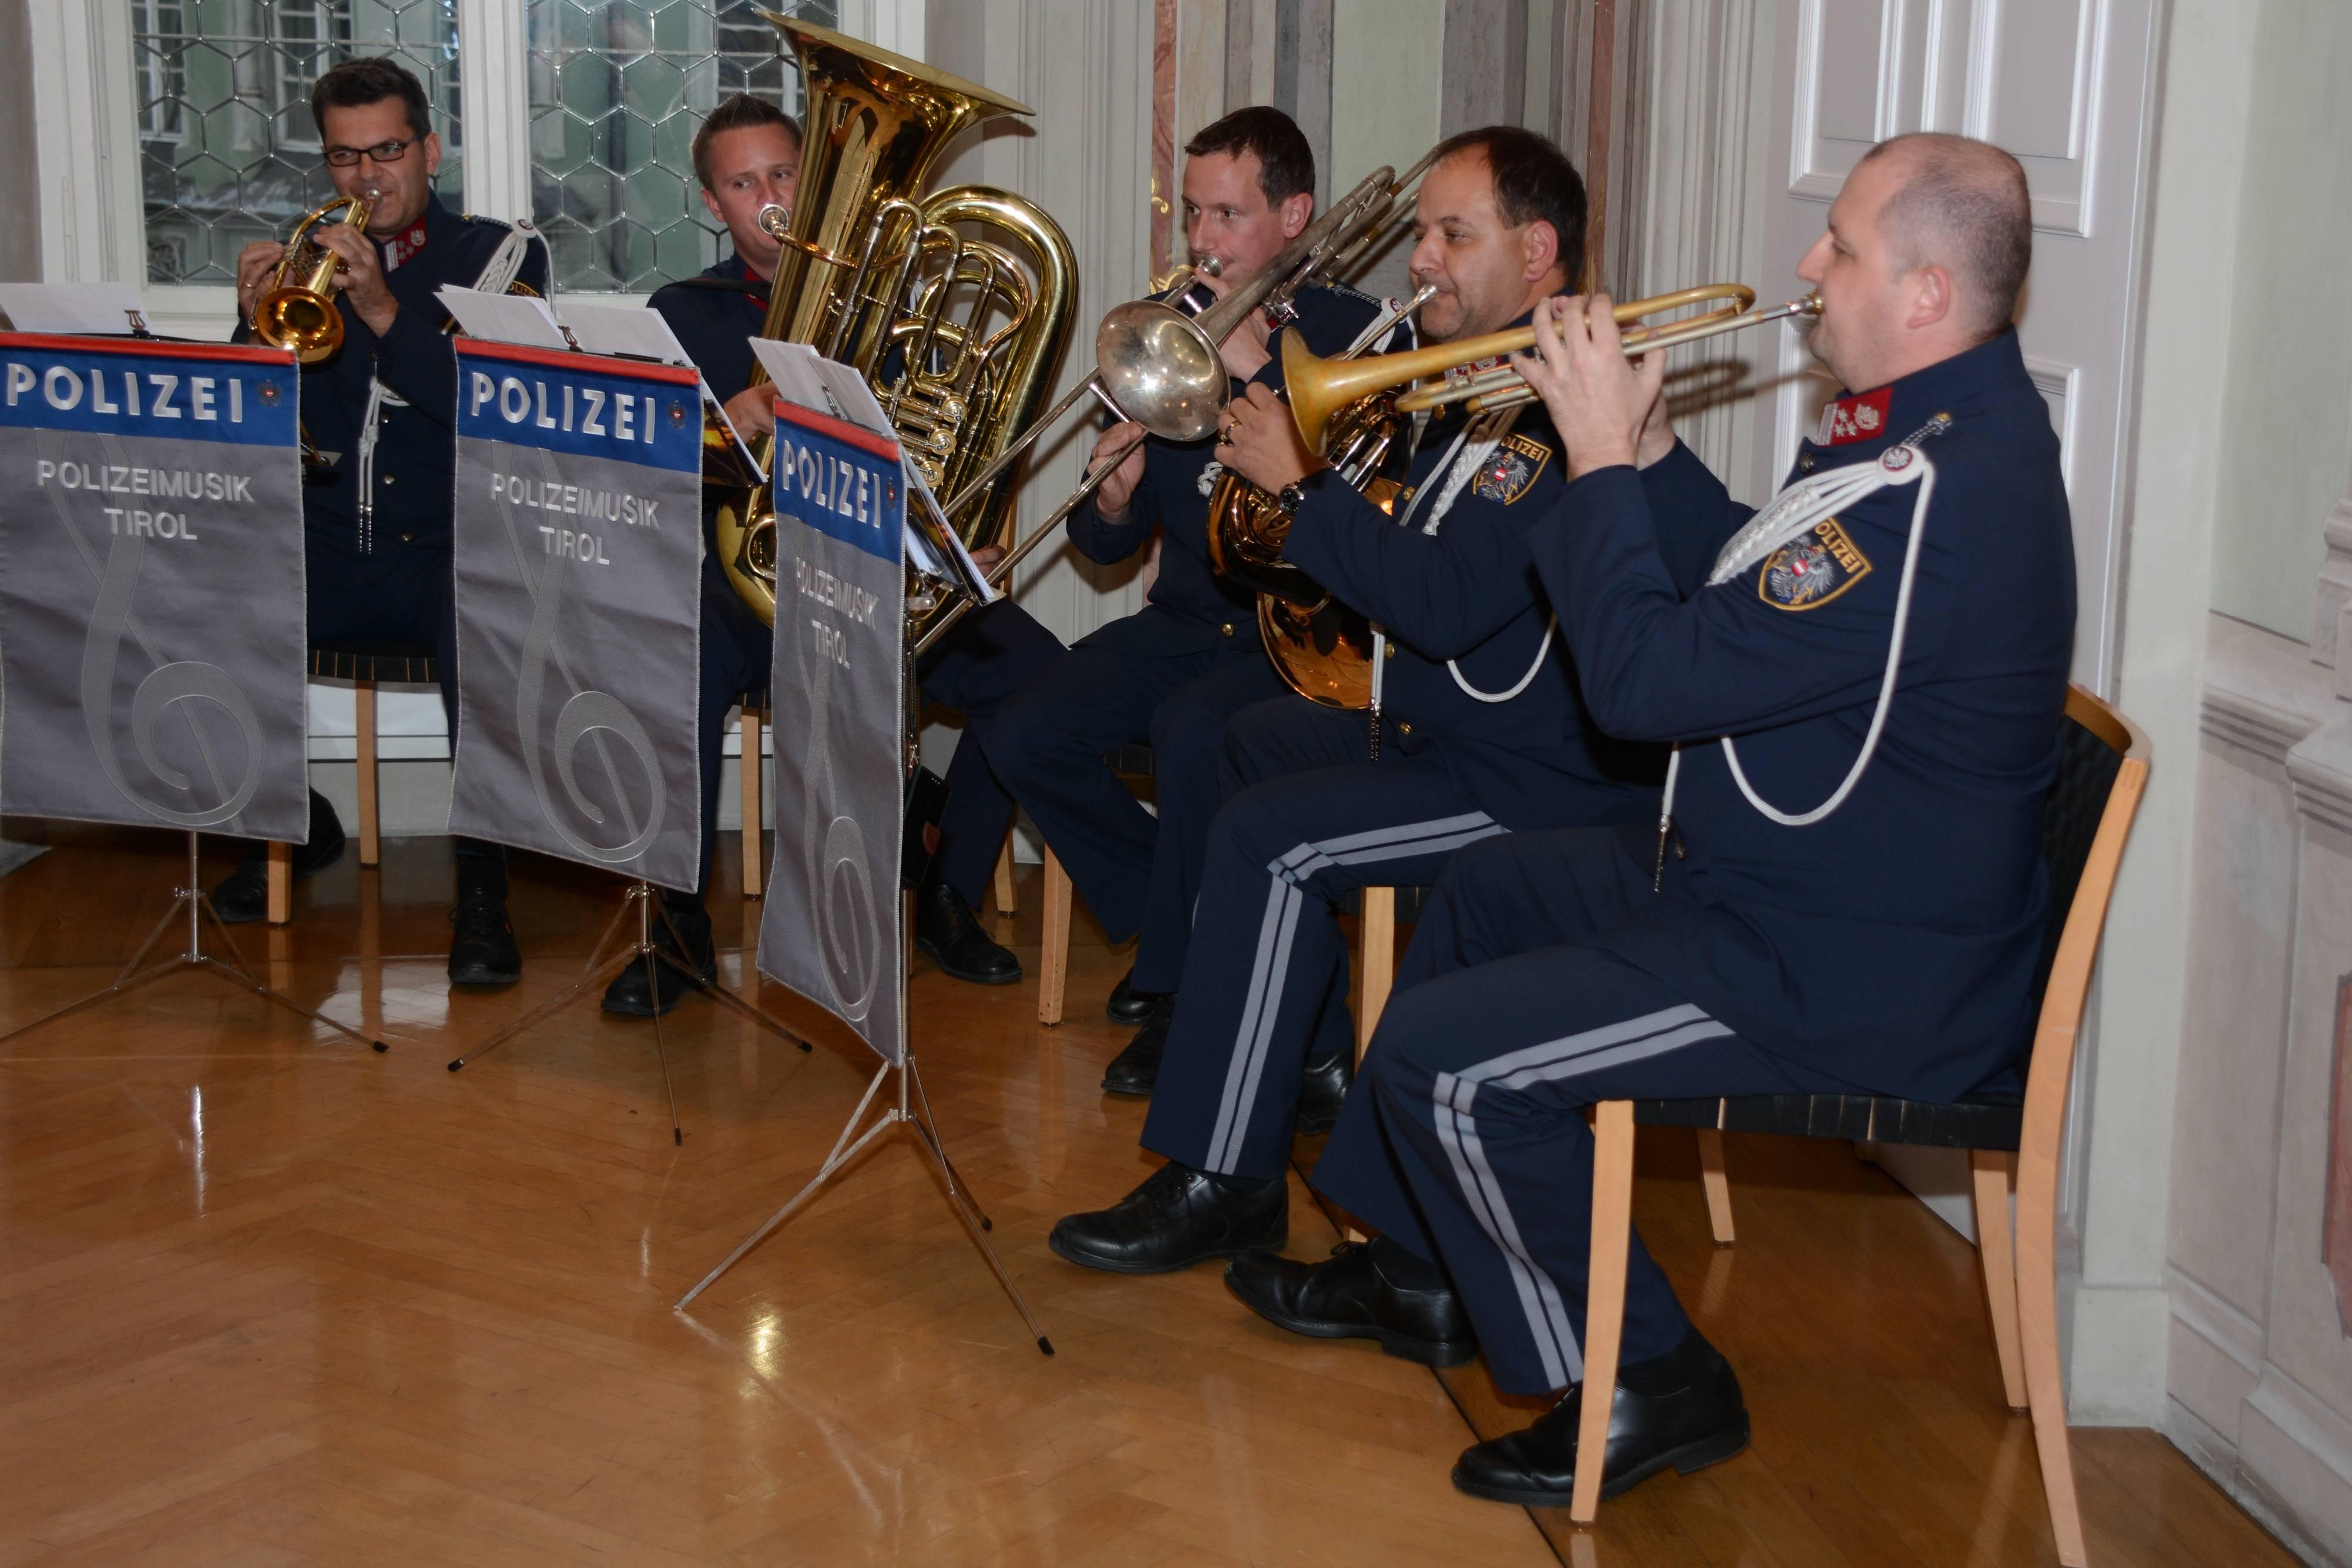 Ein Quintett der Polizeimusik Tirol umrahmte die Feierlichkeit im Tiroler Landhaus. ©LPD Gruber